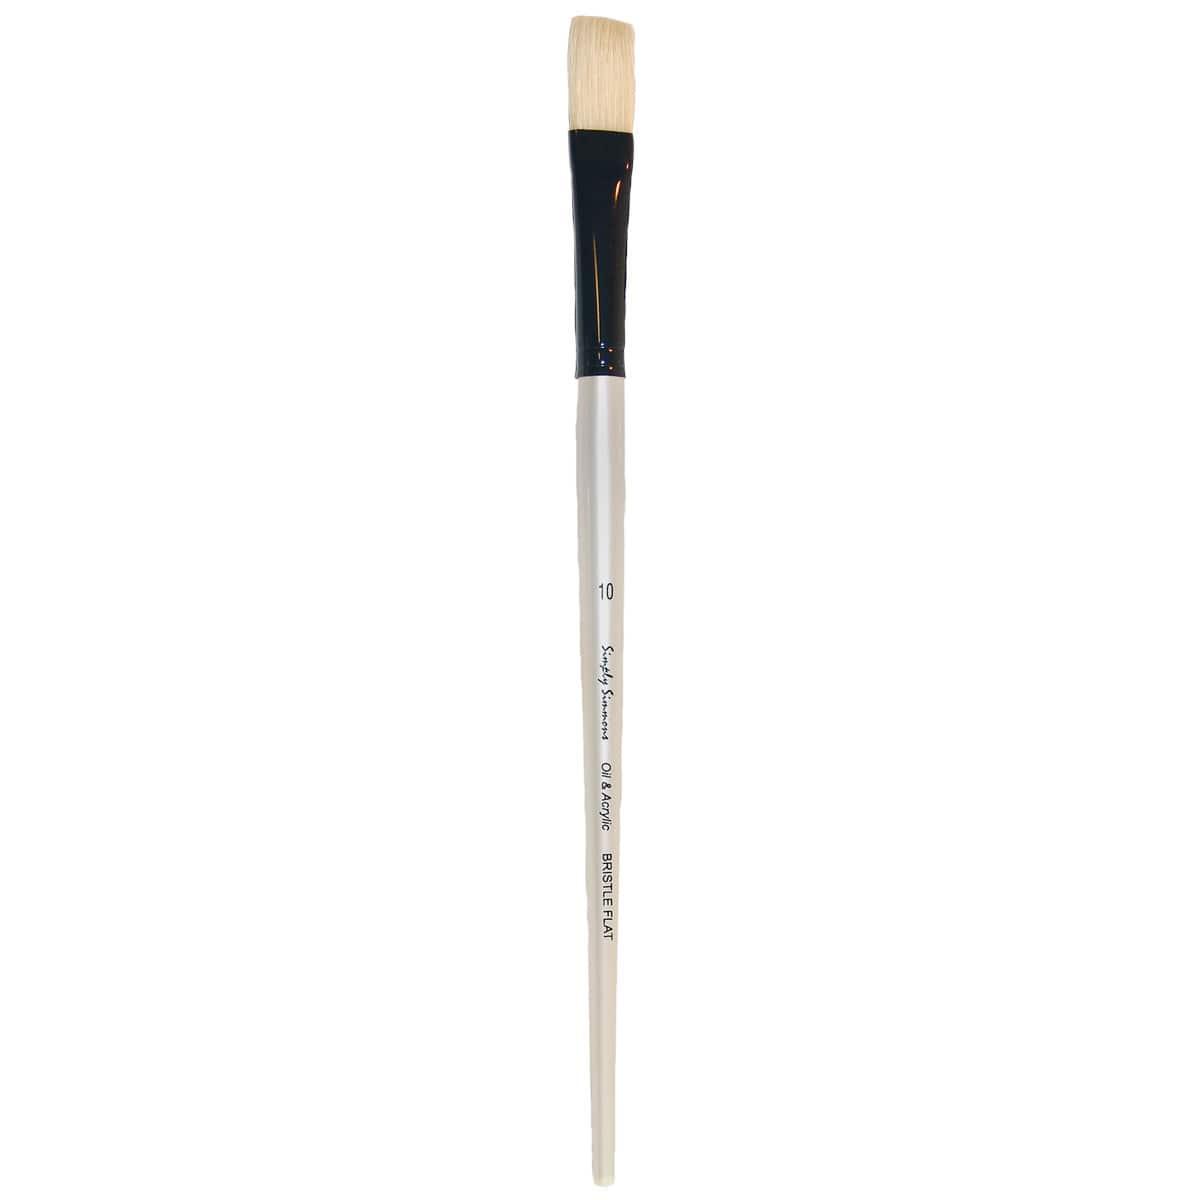 Simply Simmons Flat Shader Brush #10